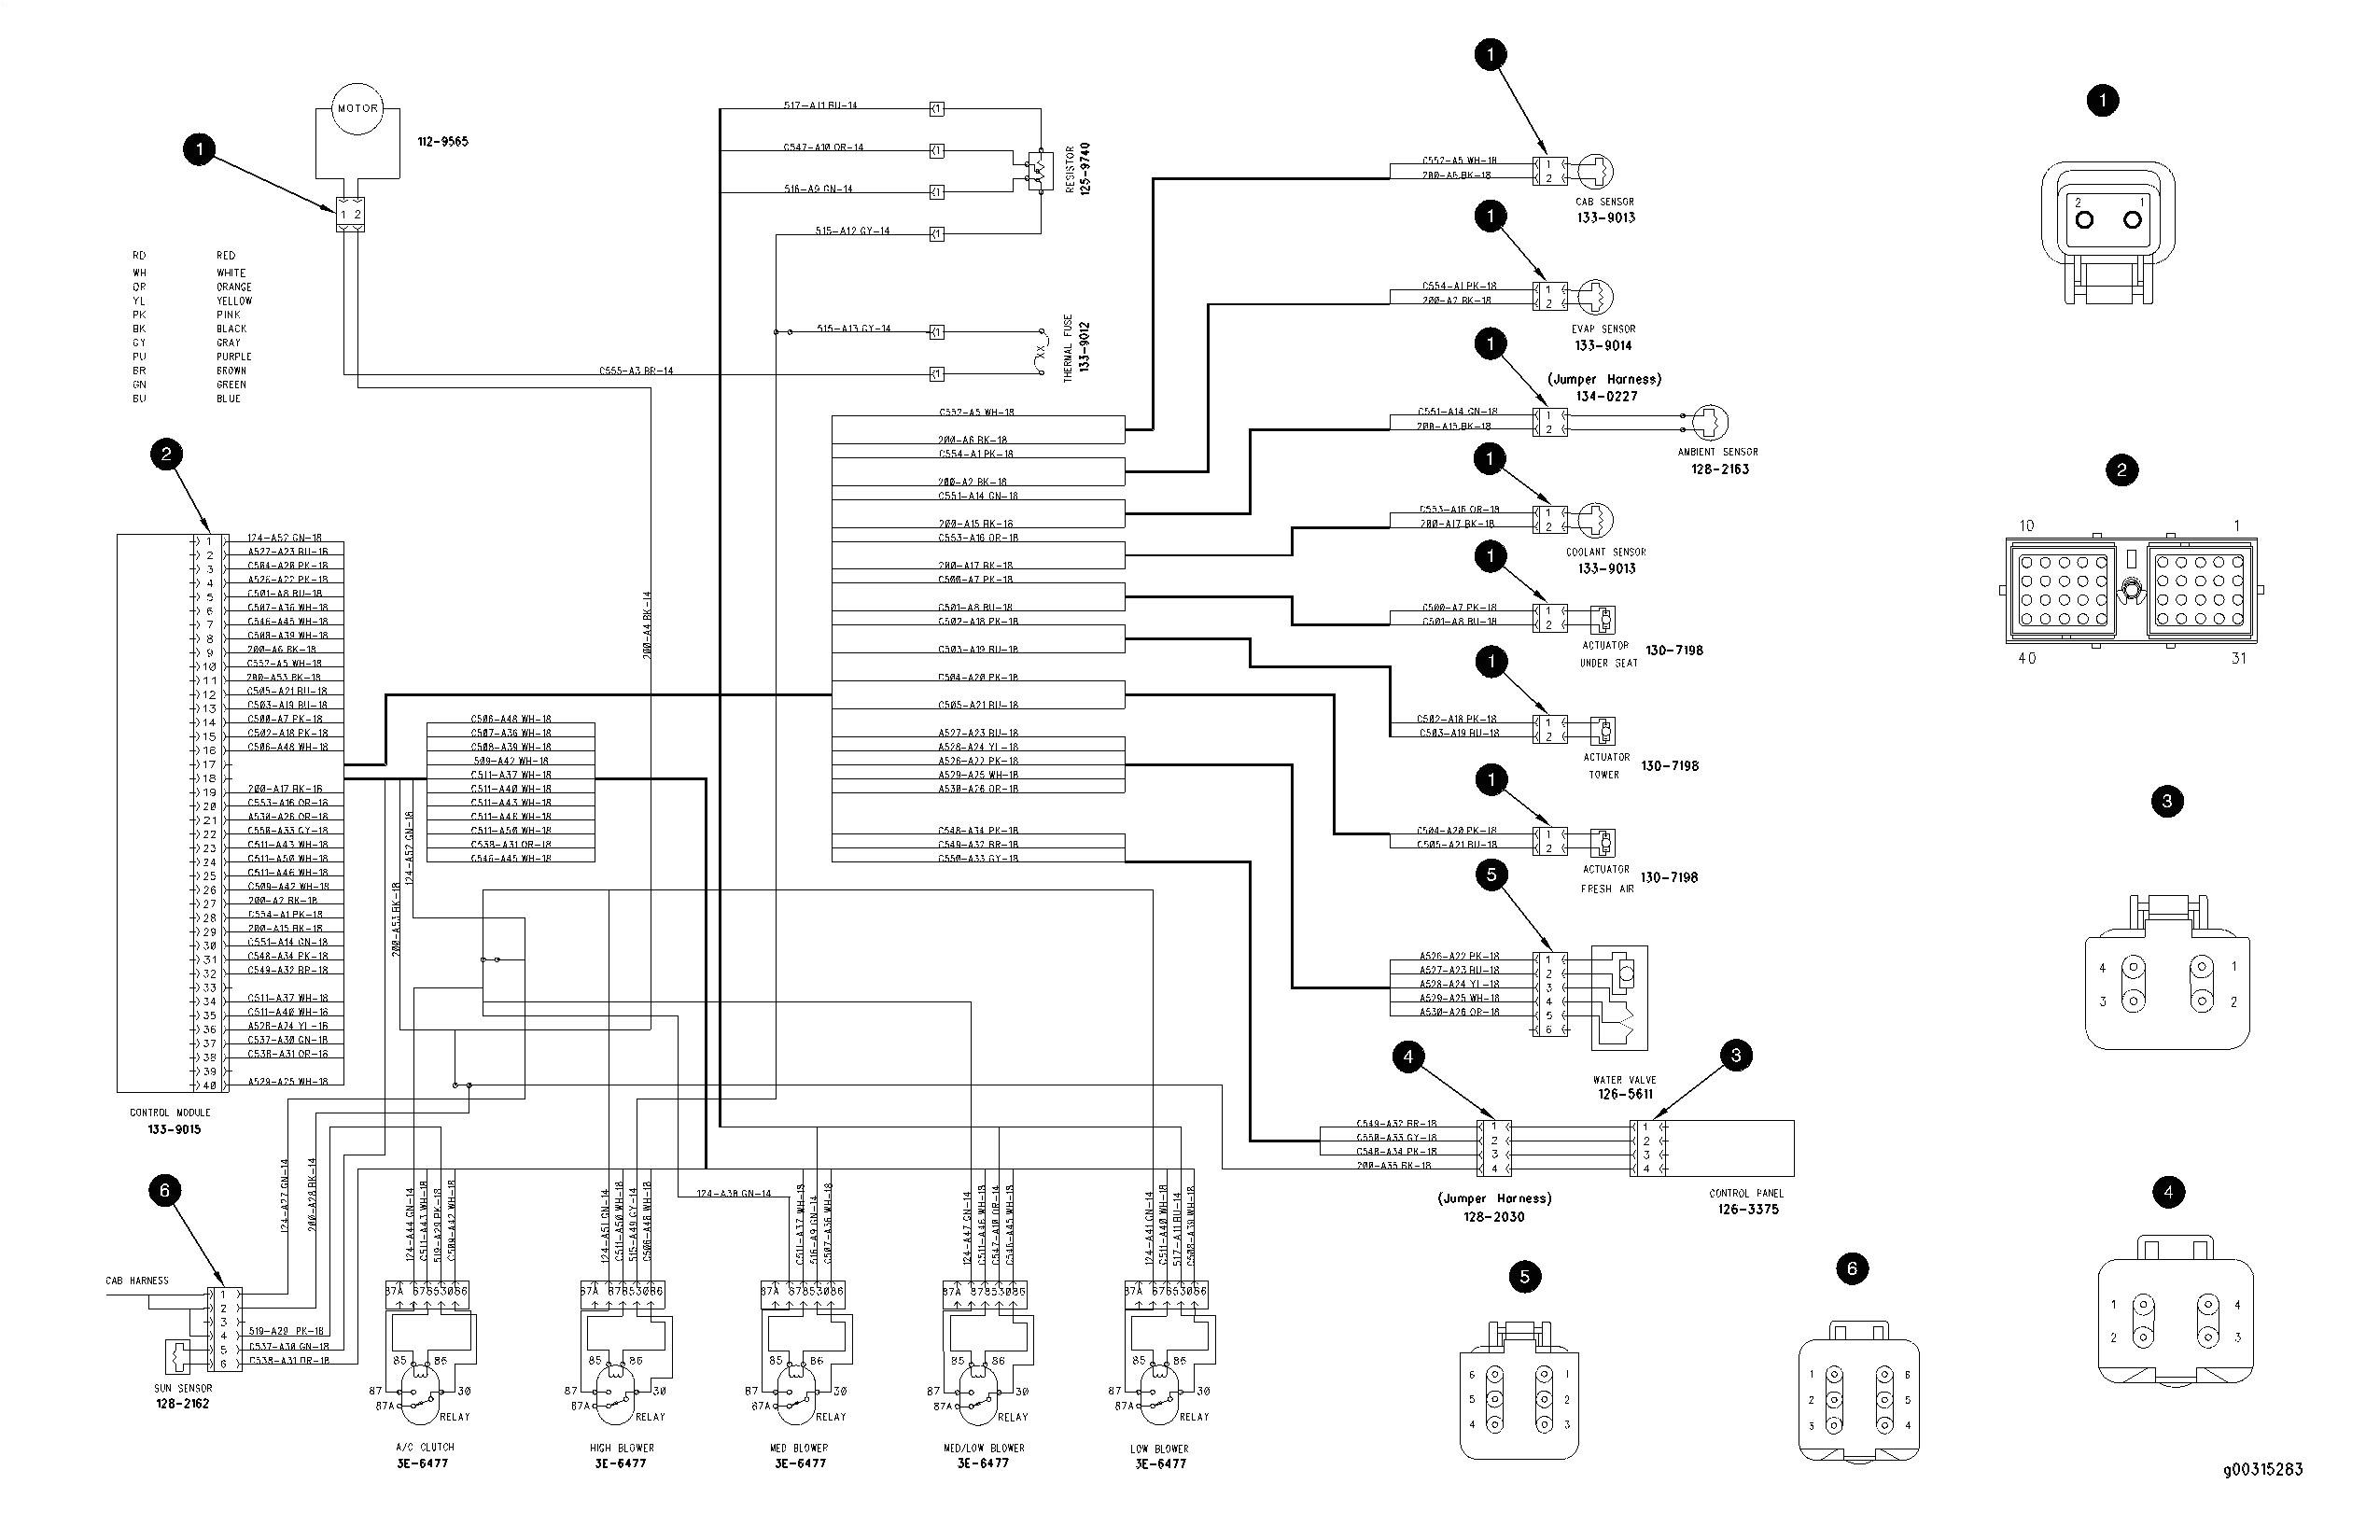 caterpillar tachometer wiring wiring diagram repair guidescaterpillar tachometer wiring wiring diagram